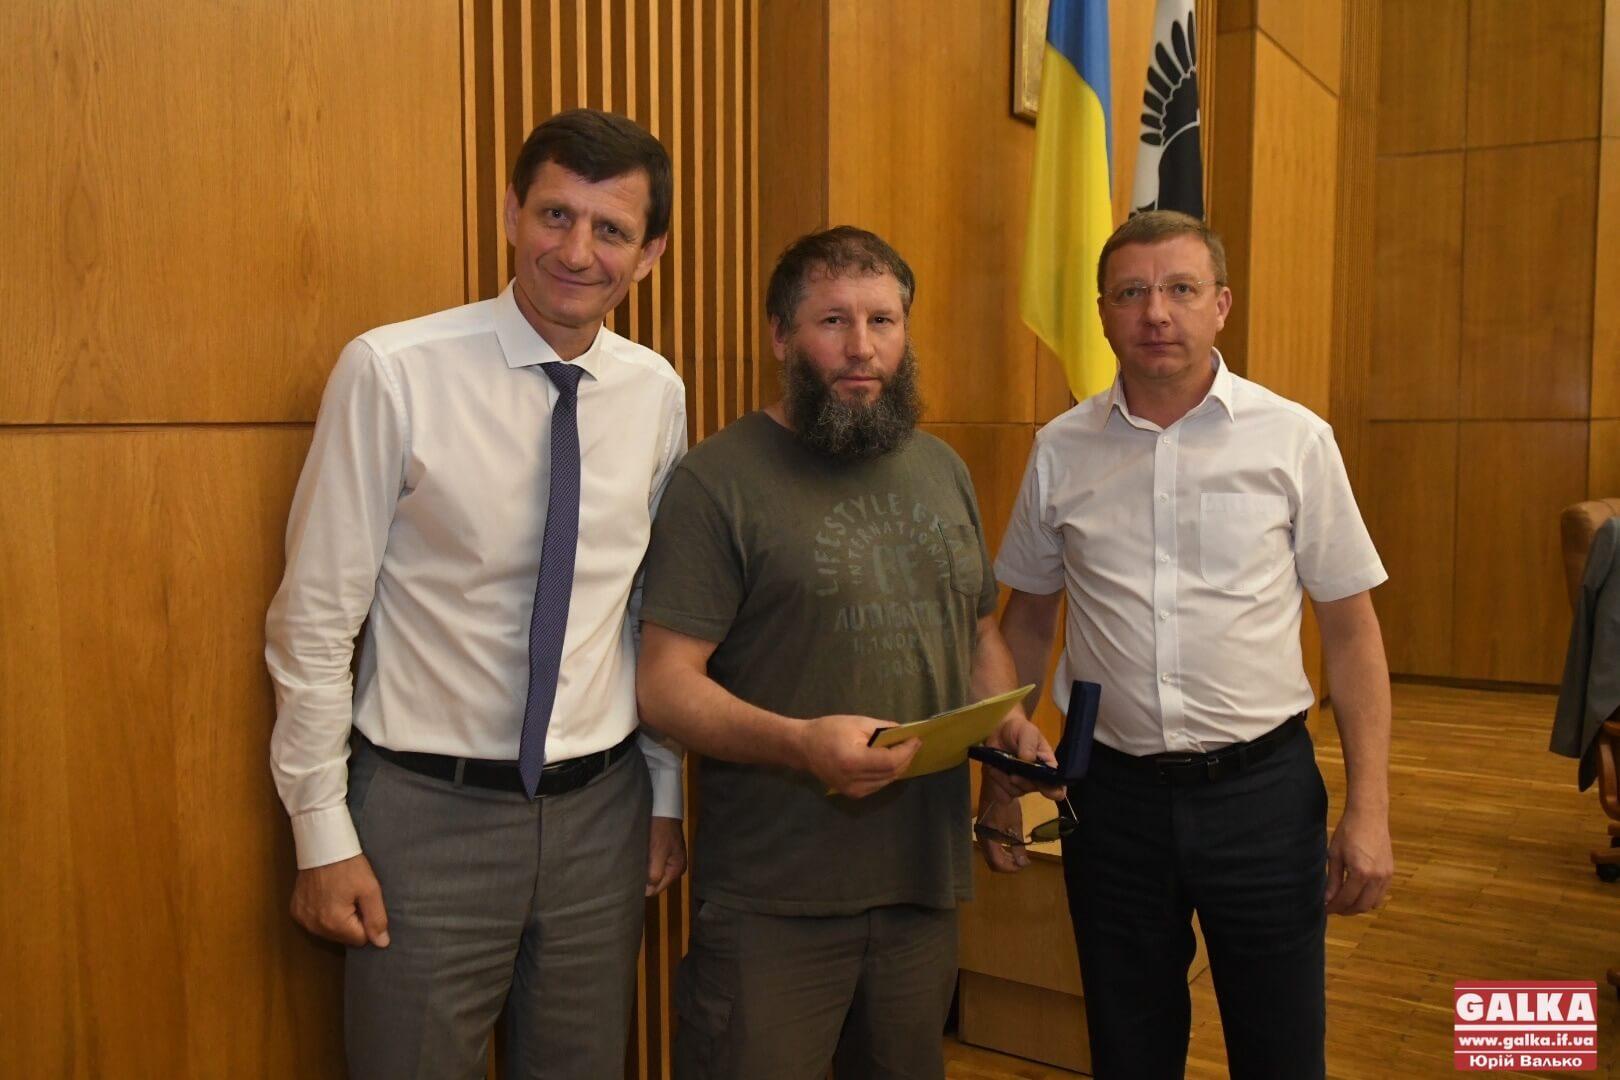 Ветеранів війни на Донбасі, видавців книг та журналістів урочисто нагородили на сесії обласної ради (ФОТО)